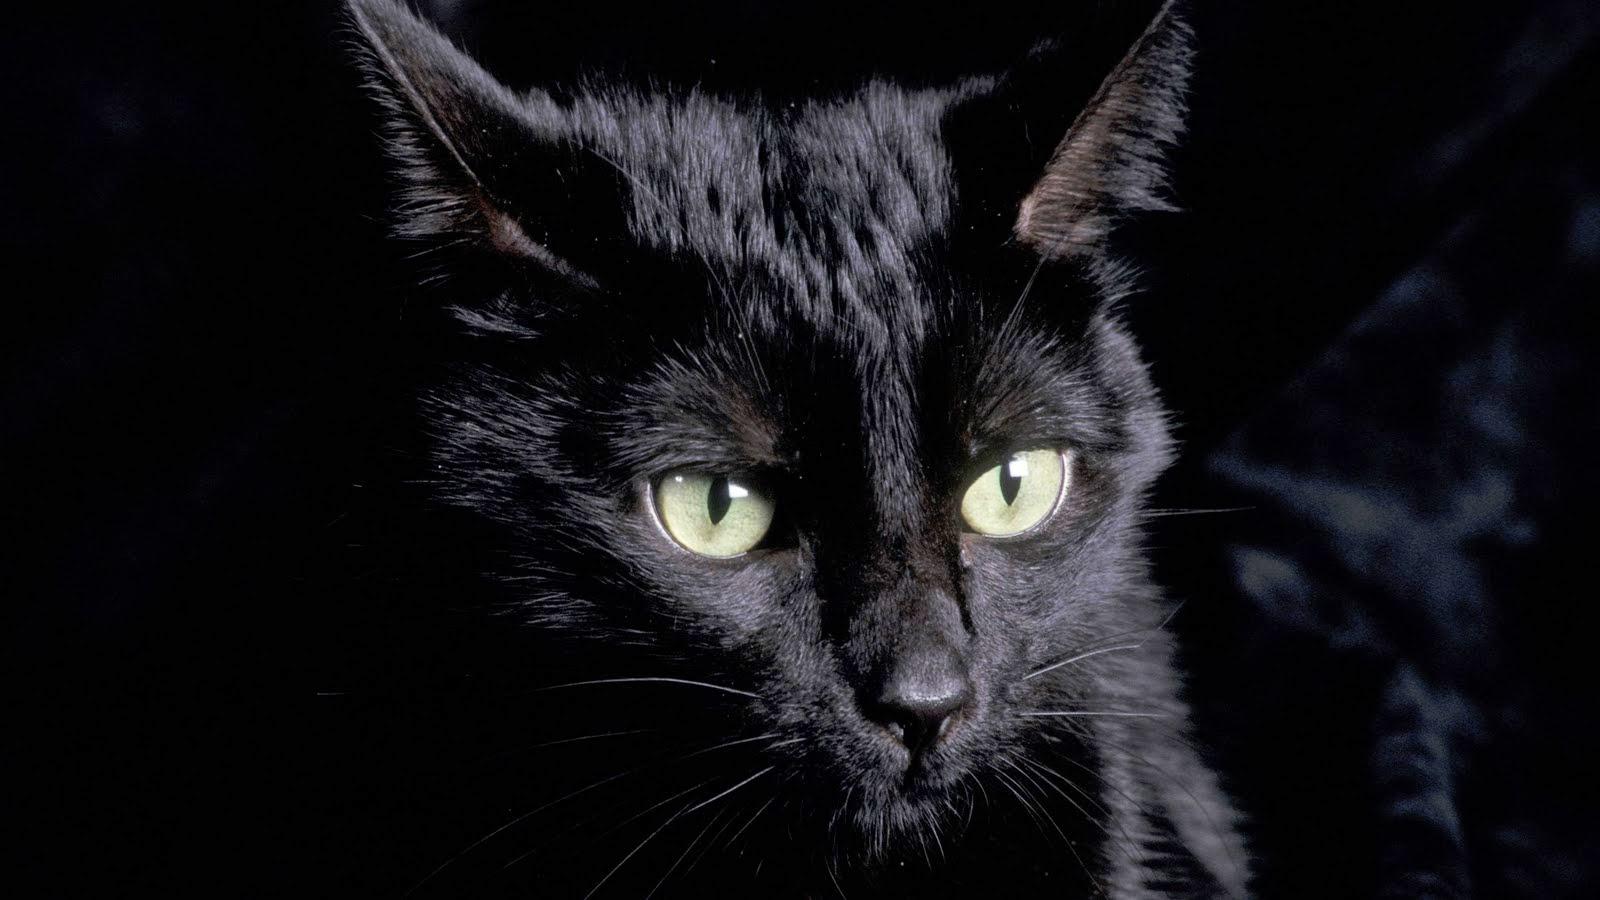 Menabrak Kucing Membawa Sial (Antara Mitos dan Logika) | Cerita Misteri